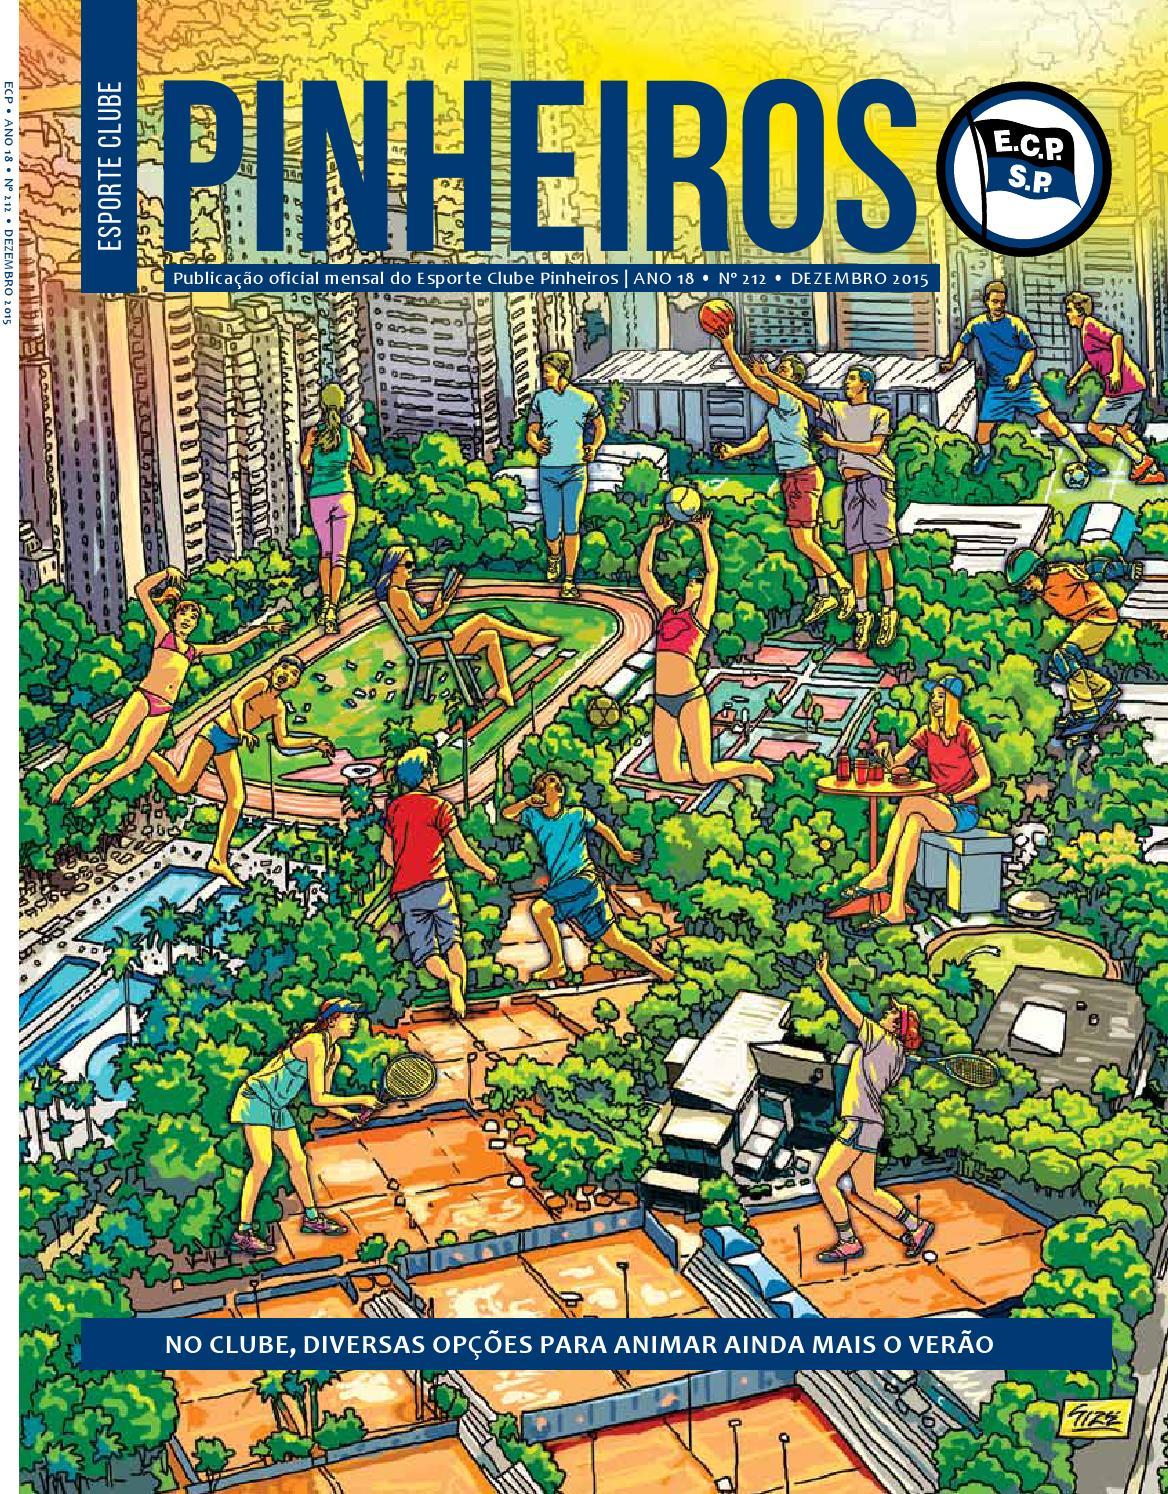 Revista n° 212 - Dezembro 2015 by Esporte Clube Pinheiros - issuu 7d0a3e9a4fda0